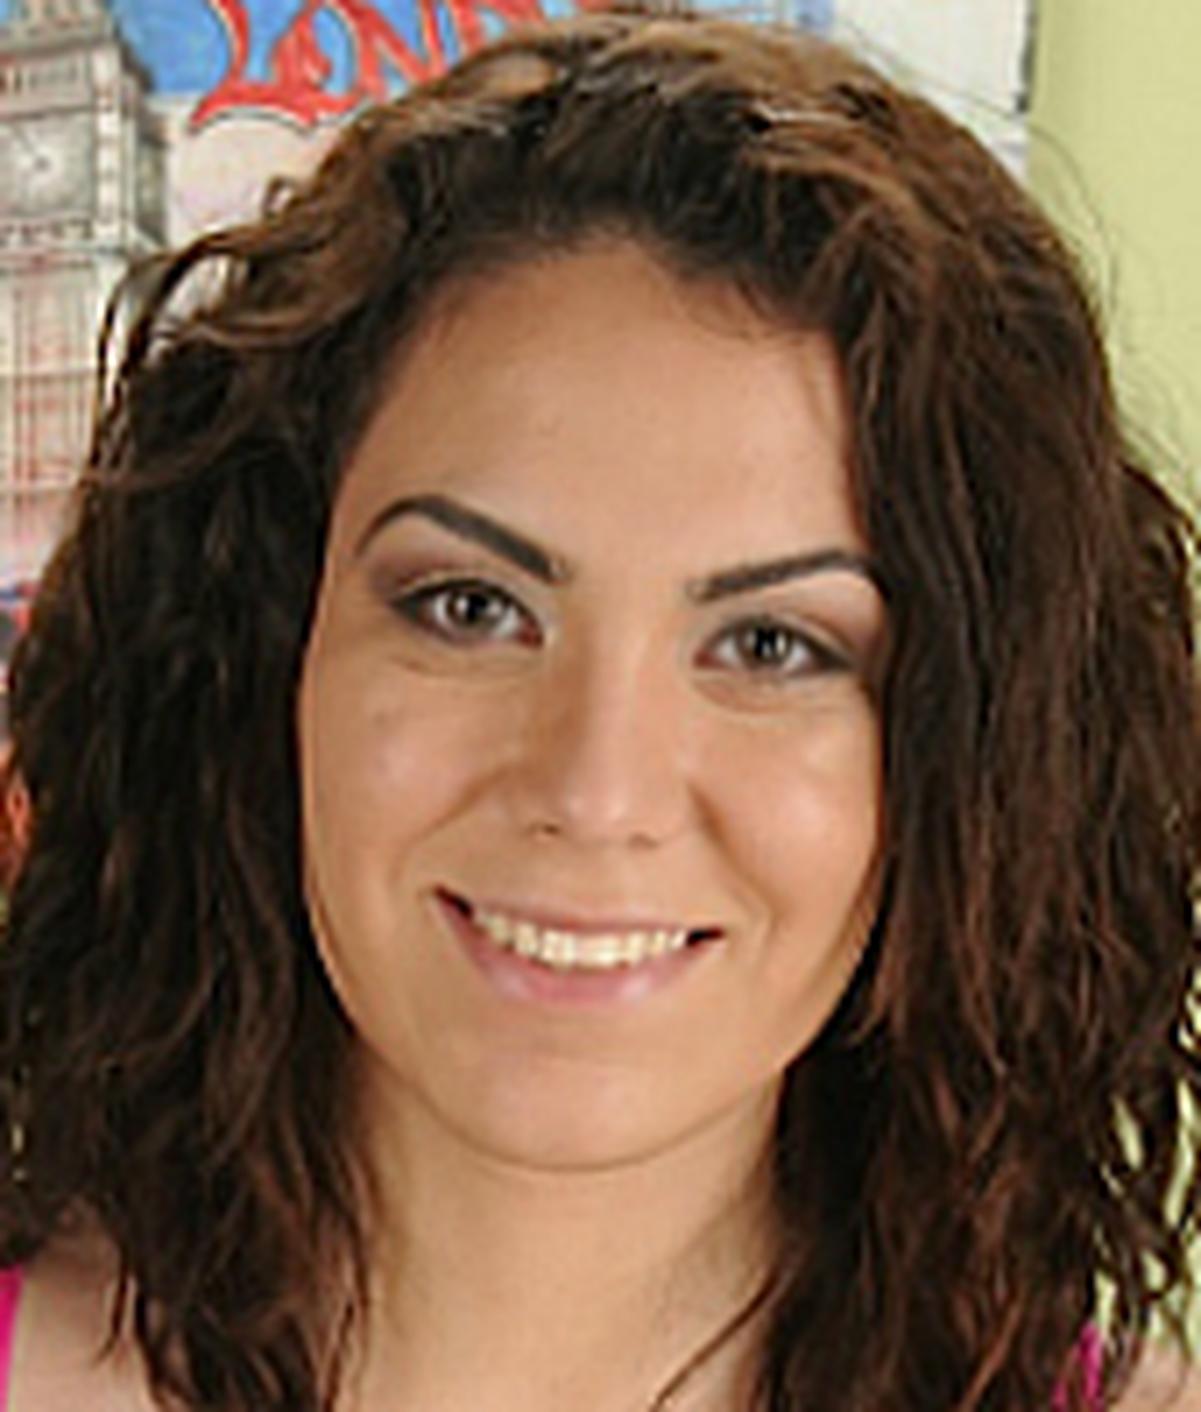 Adrienne Porn Actress adrienne anderson wiki & bio - pornographic actress